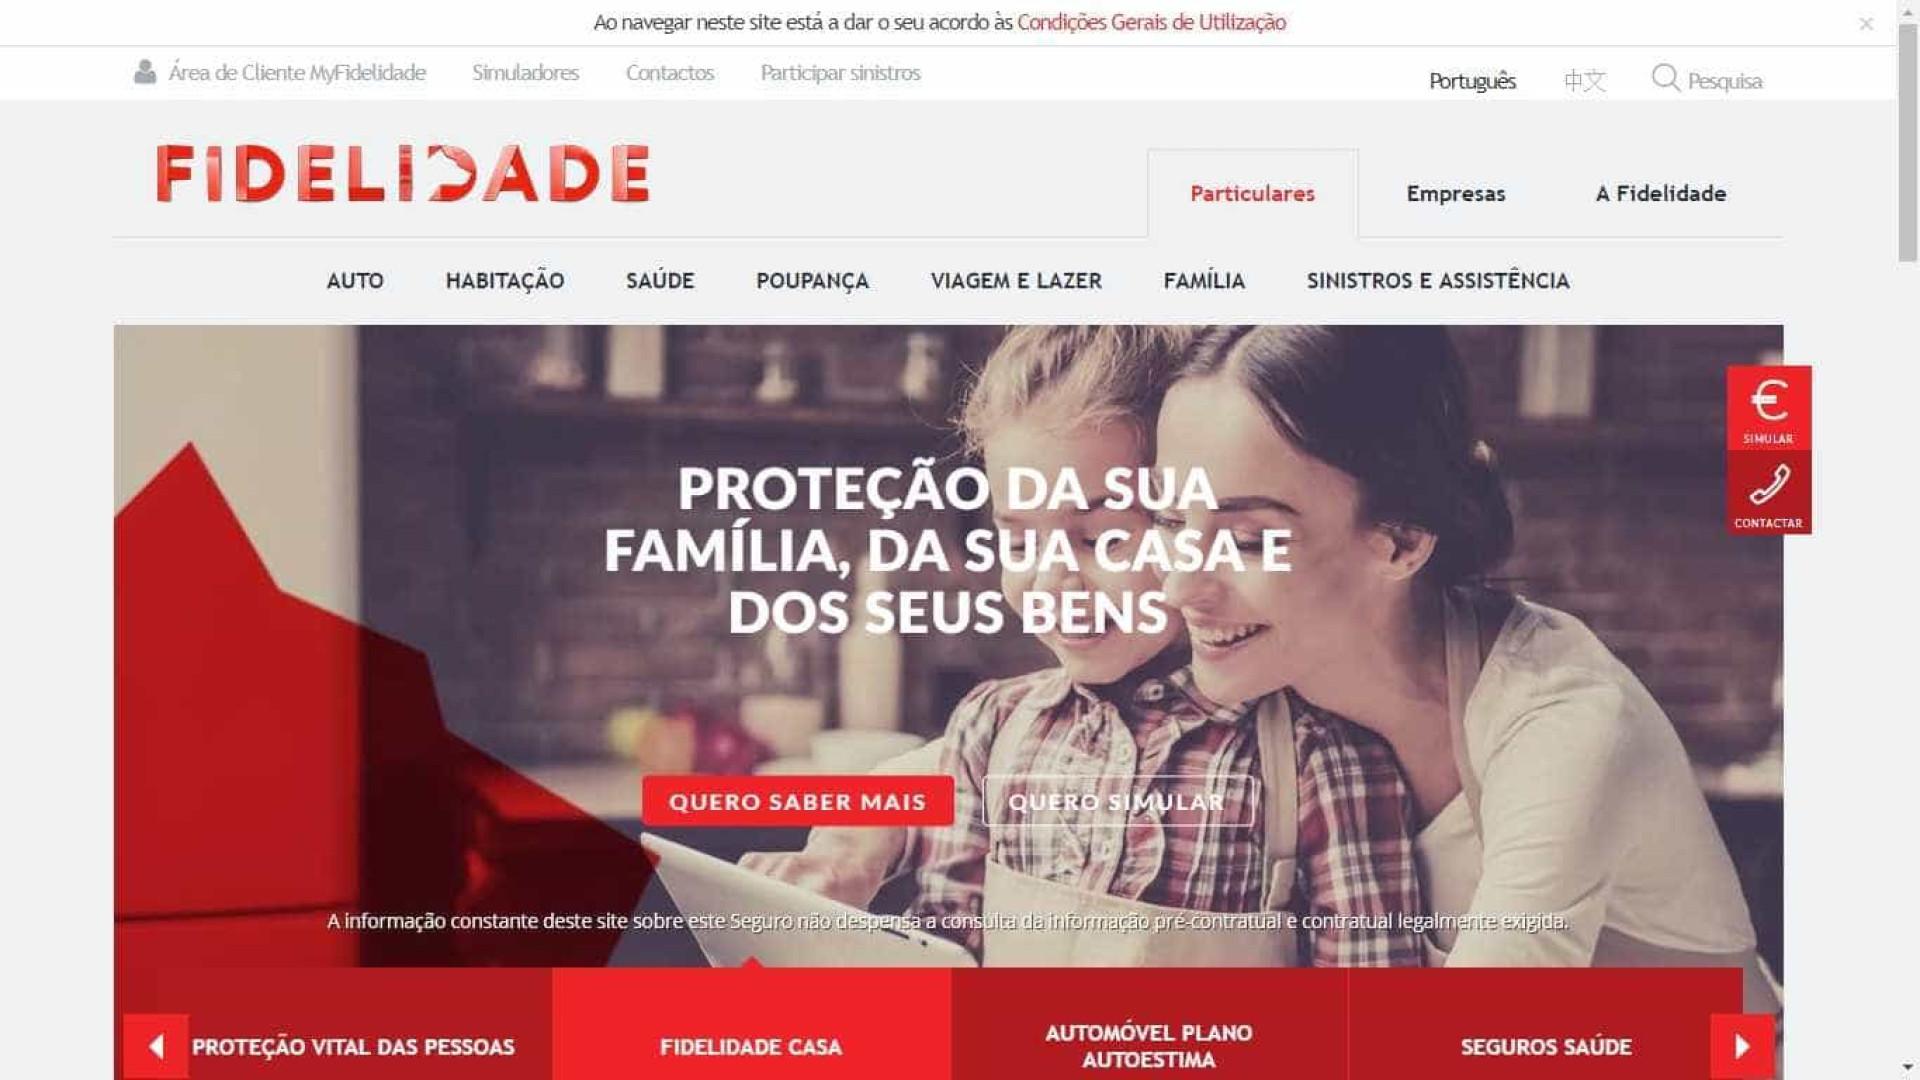 Grupo Fidelidade investe 2,5 milhões de euros para afirmação em Angola